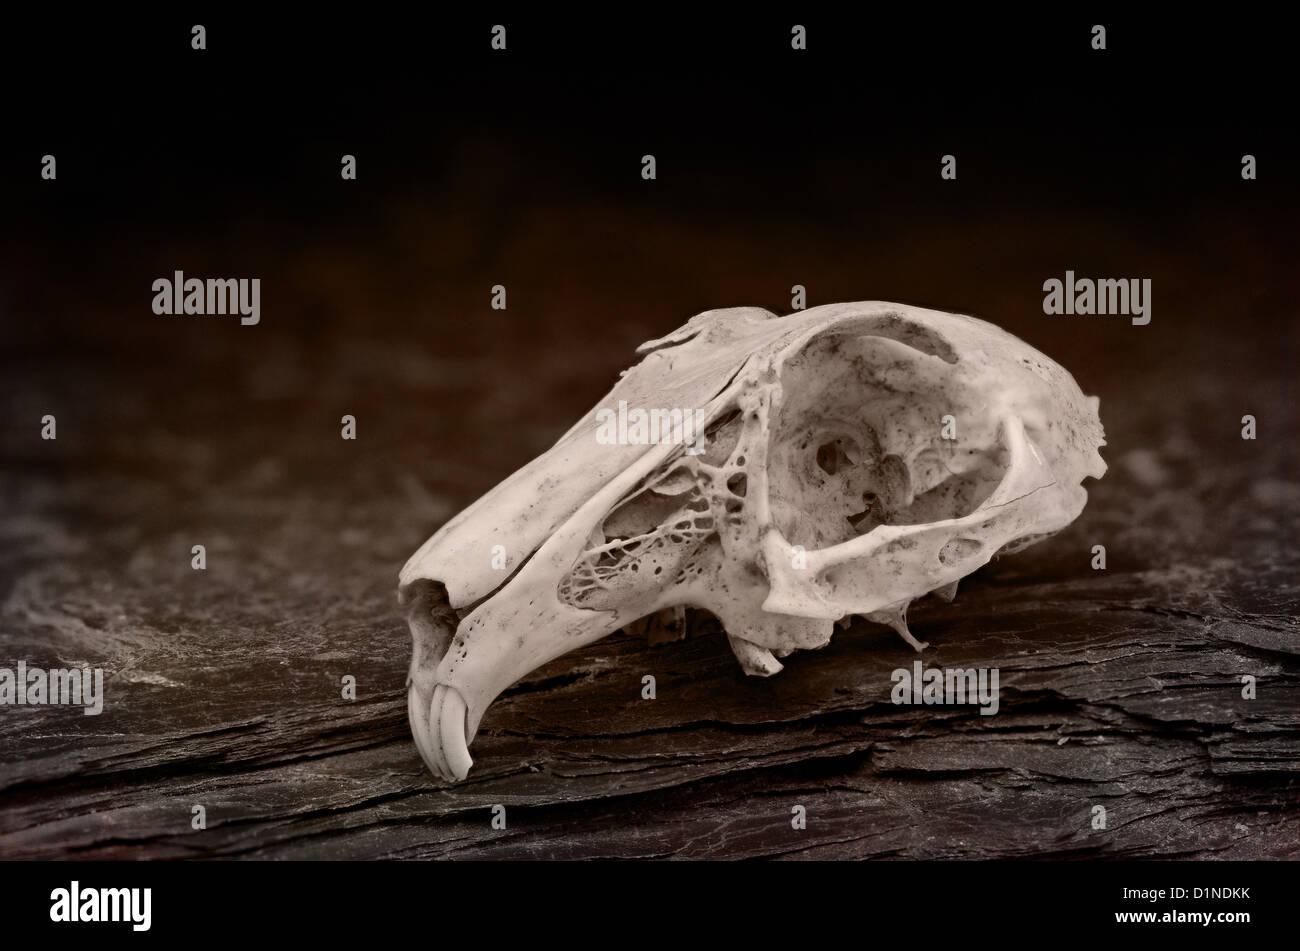 Capeado cráneo de conejo mostrando línea de sutura y hueso craneal ...